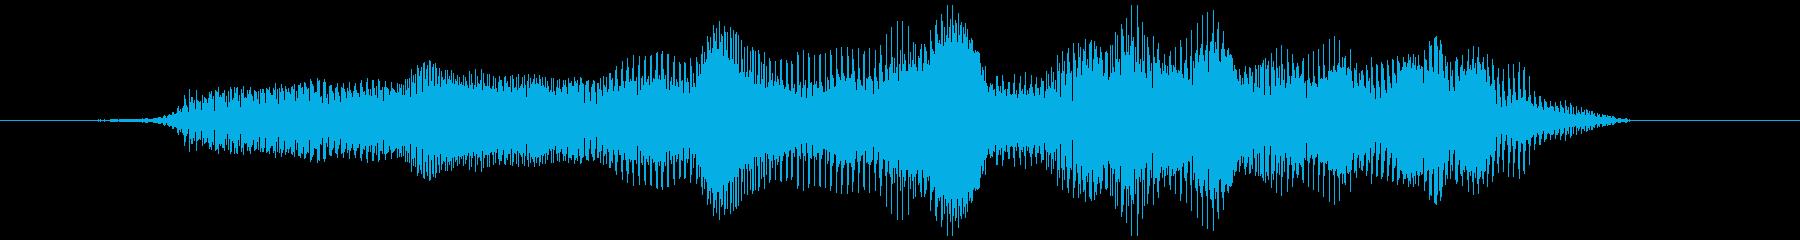 グラビティチューブ(上昇)ウミューィの再生済みの波形